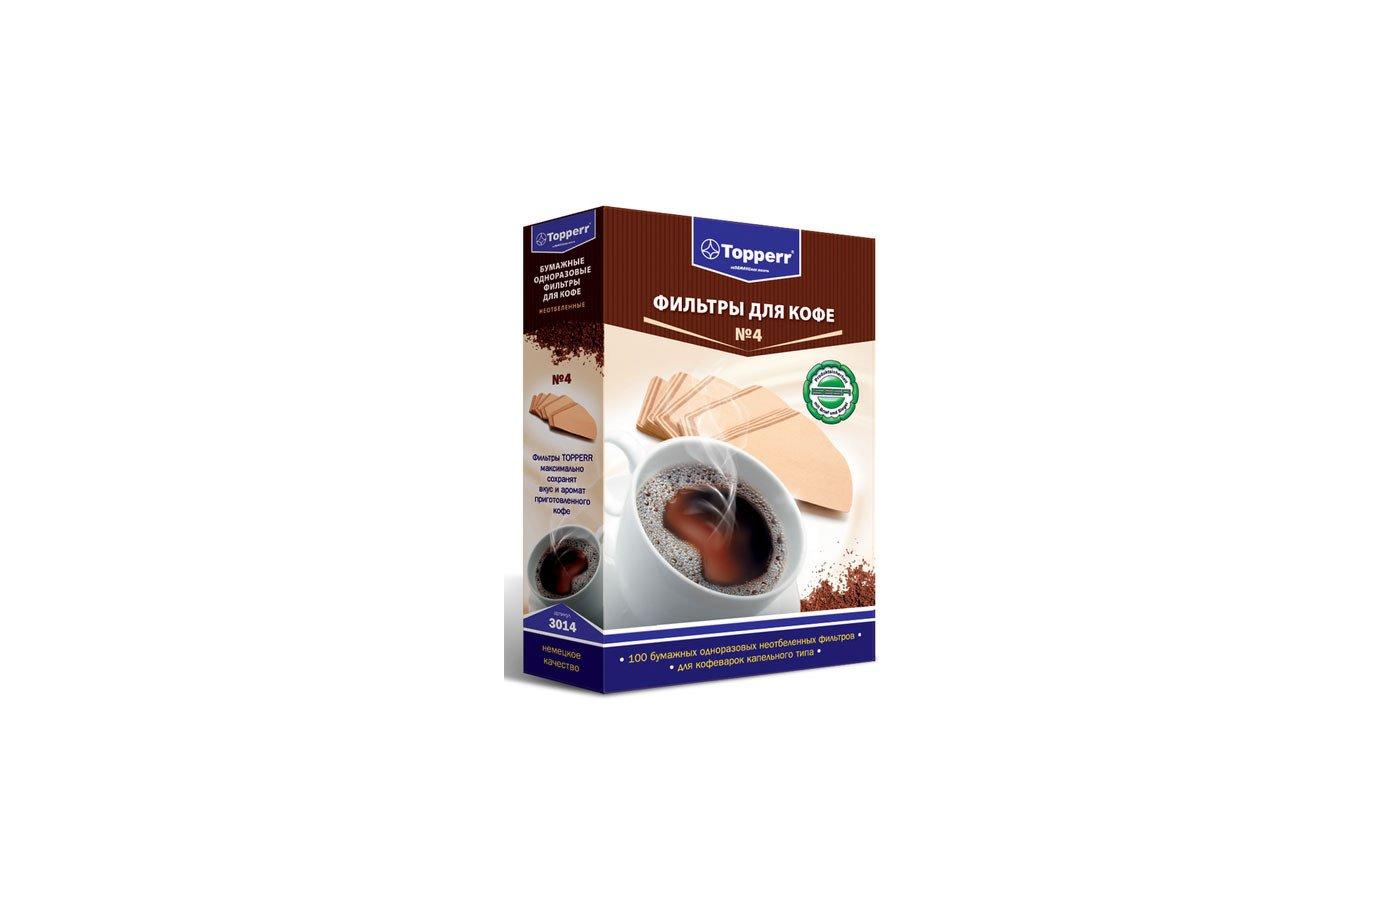 Фильтры для кофеварок TOPPERR 3014 Фильтр д/кофеварок 4